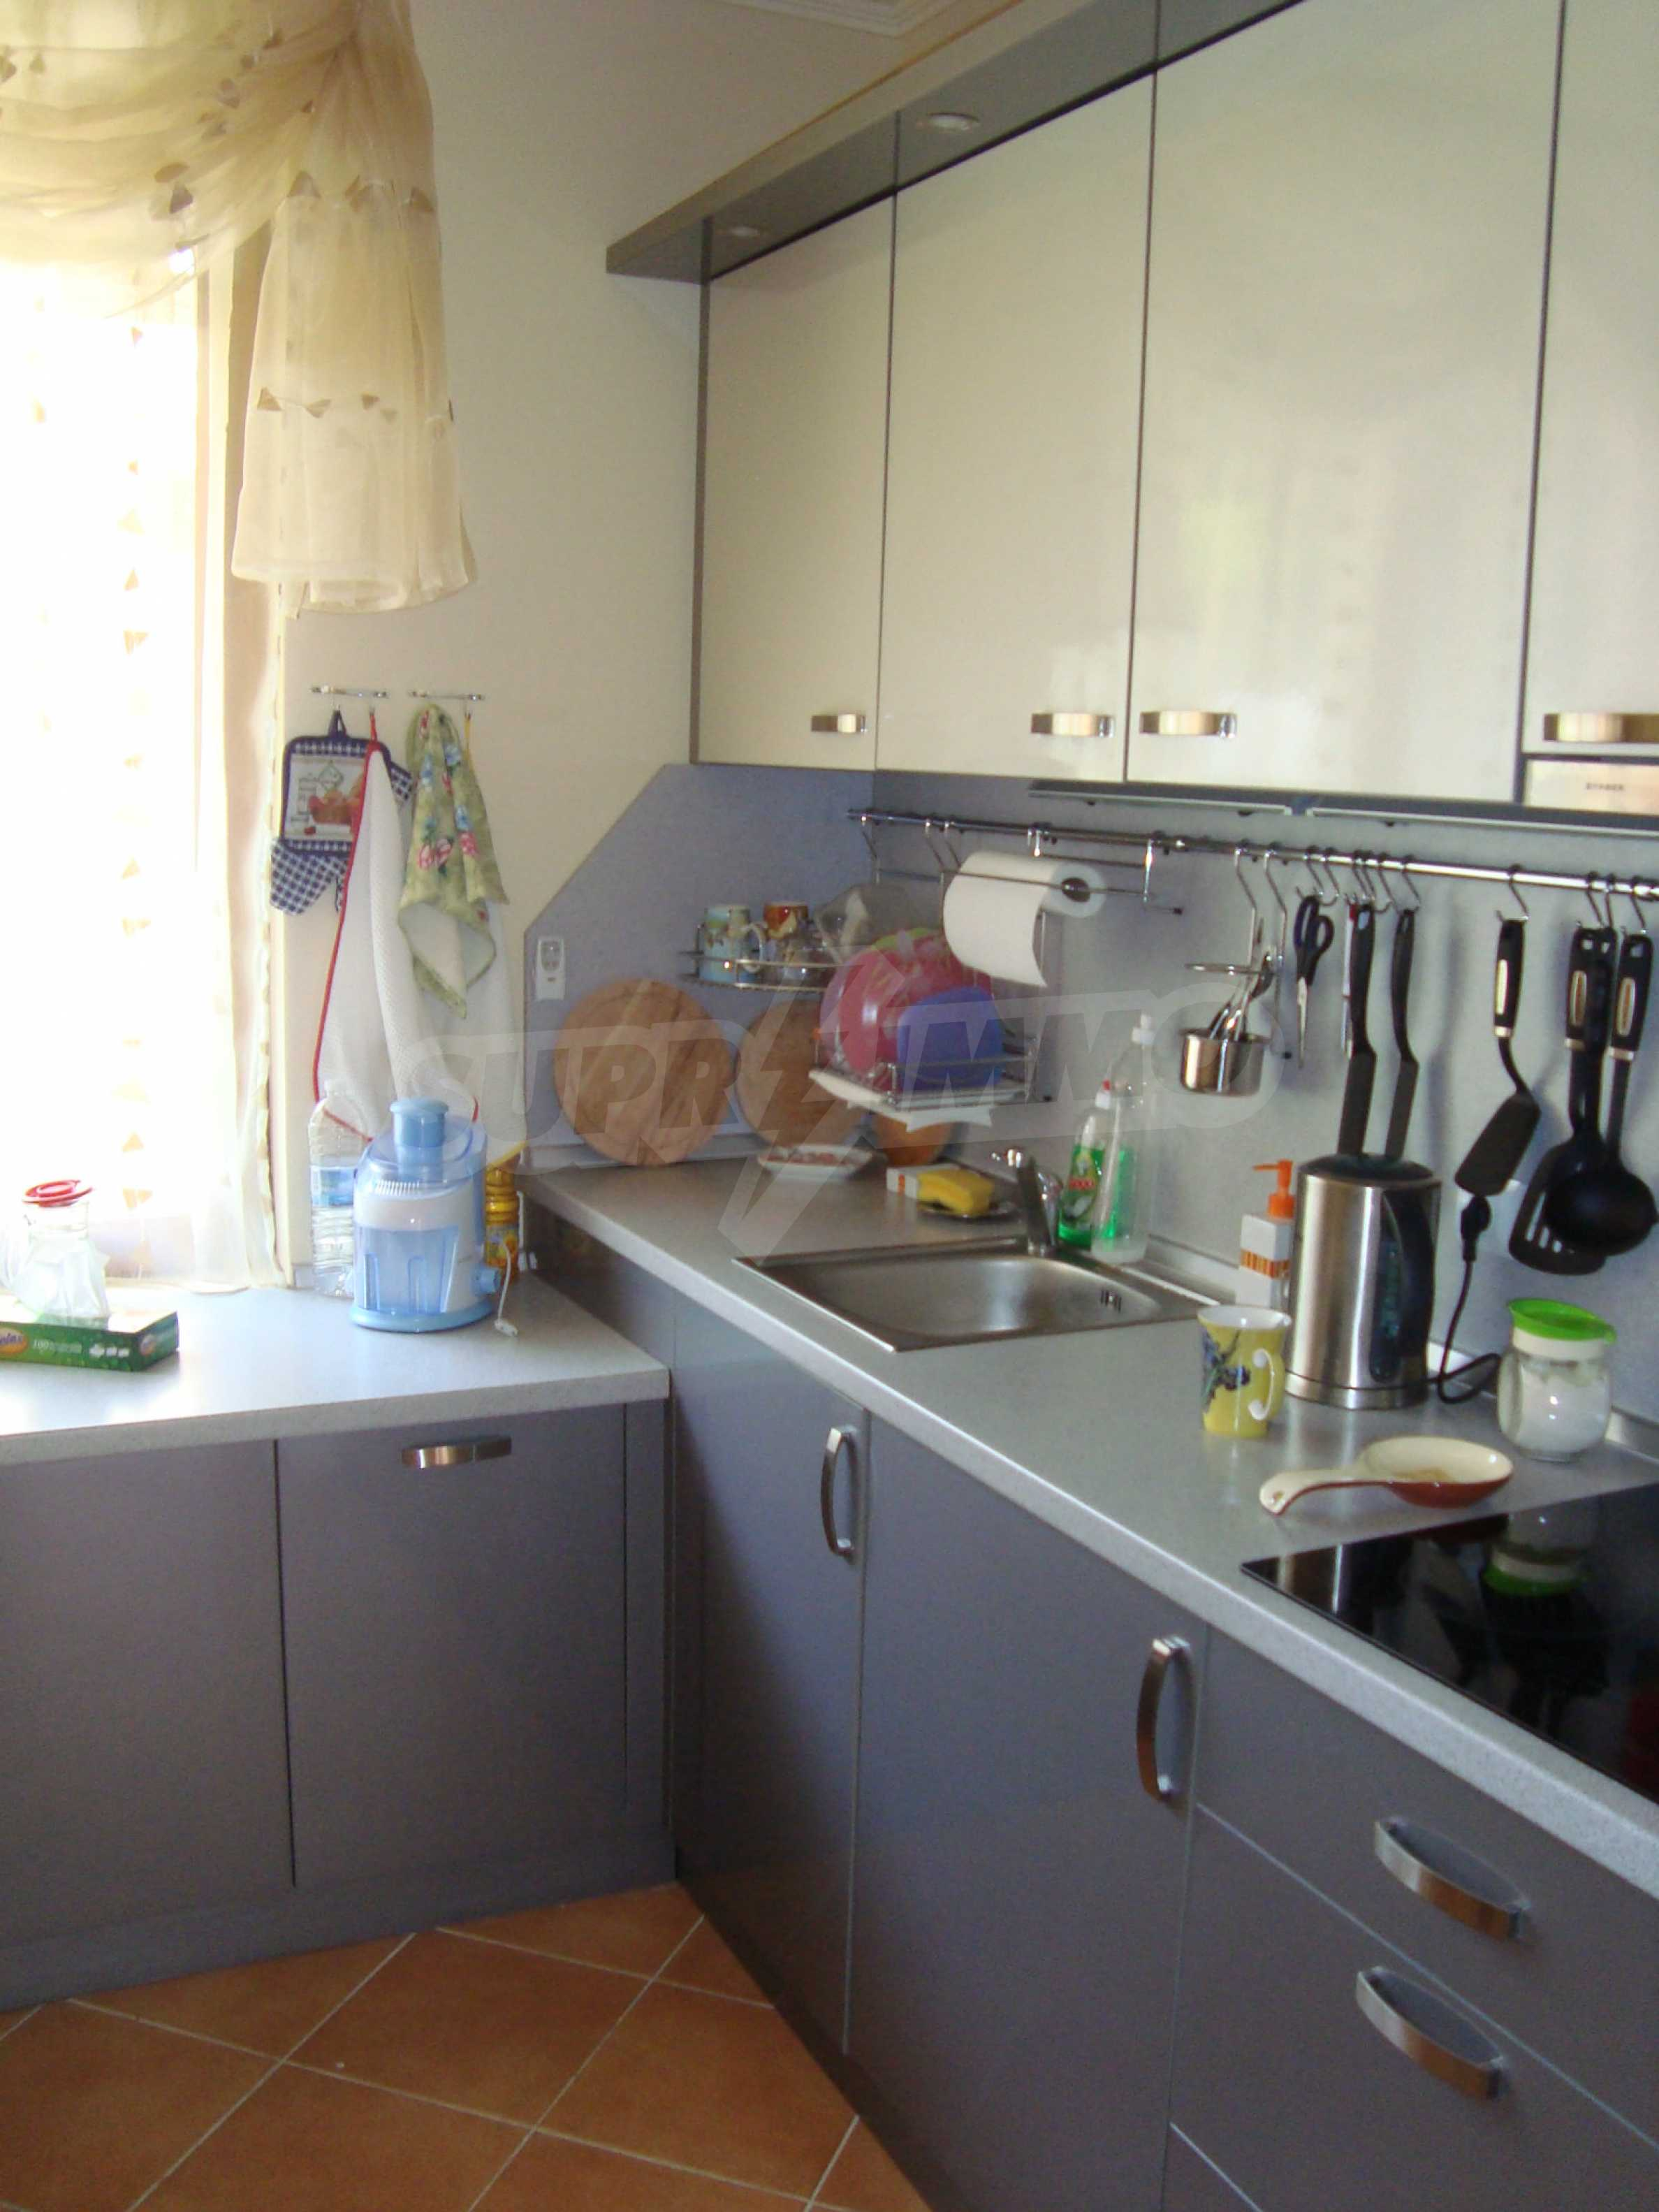 2-stöckige Villa zum Verkauf in Elenite Feriendorf, 14